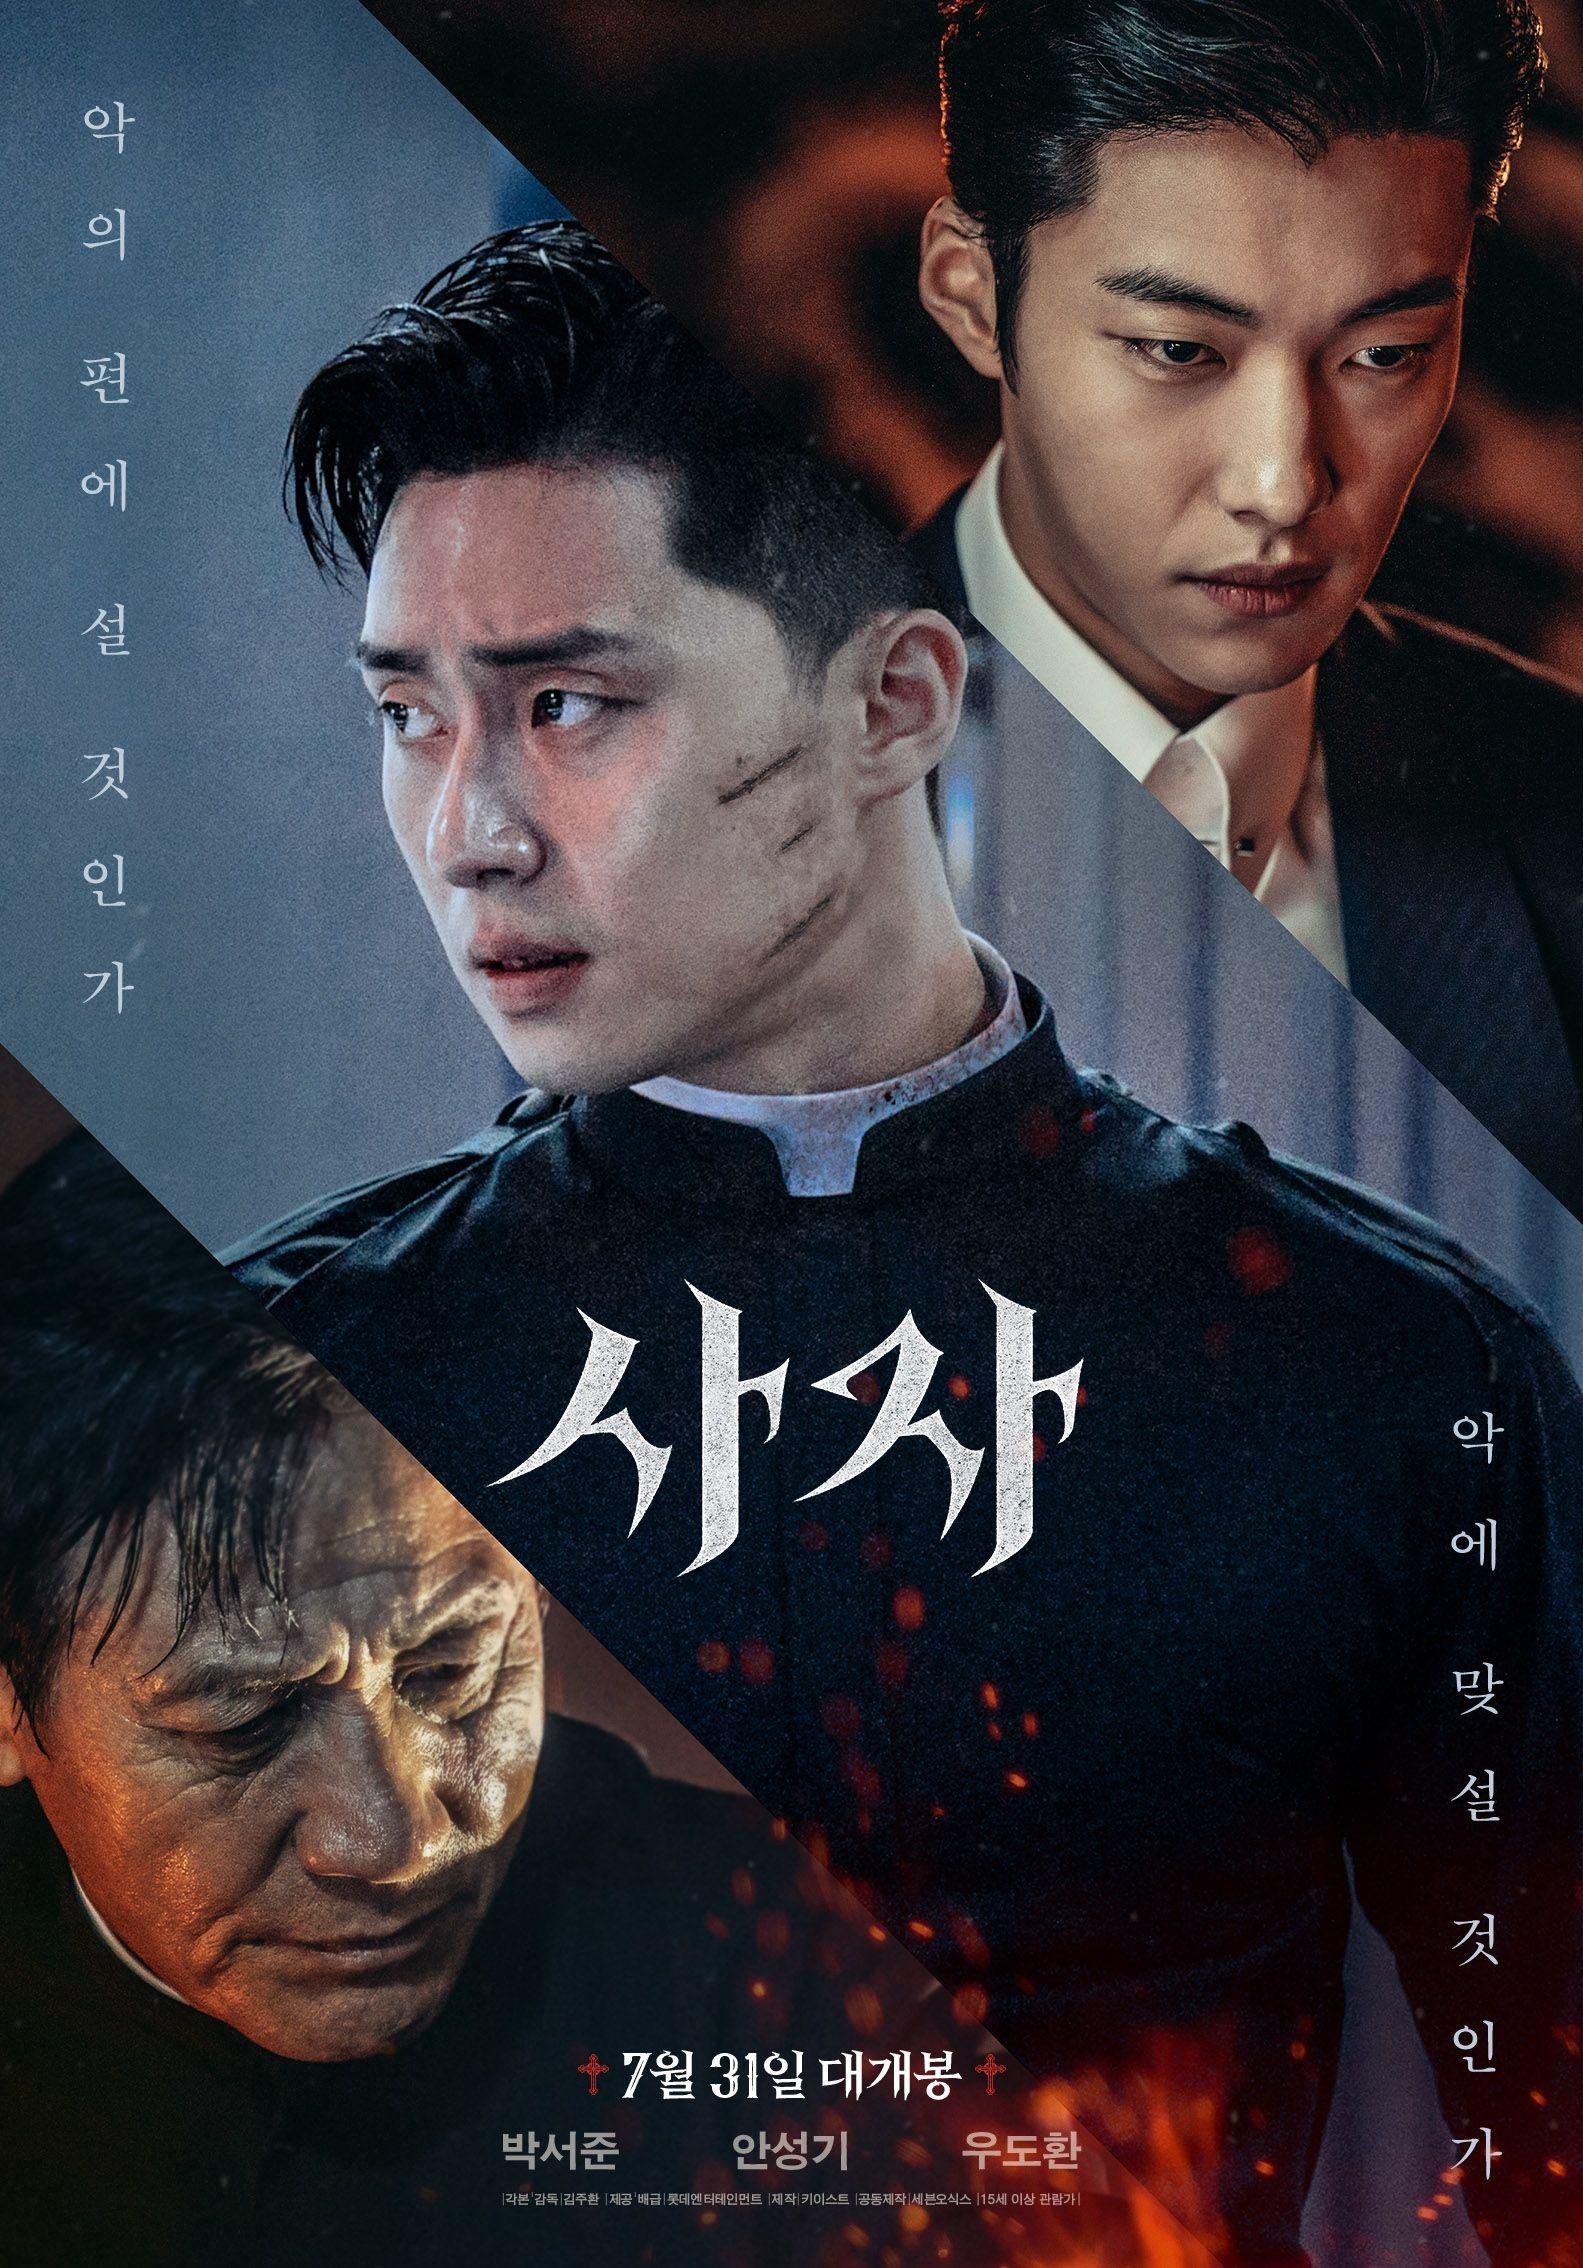 """Park Seo Joon """"Bàn tay diệt quỷ"""" có gì khiến Trấn Thành phải ngợi khen? - Ảnh 1."""